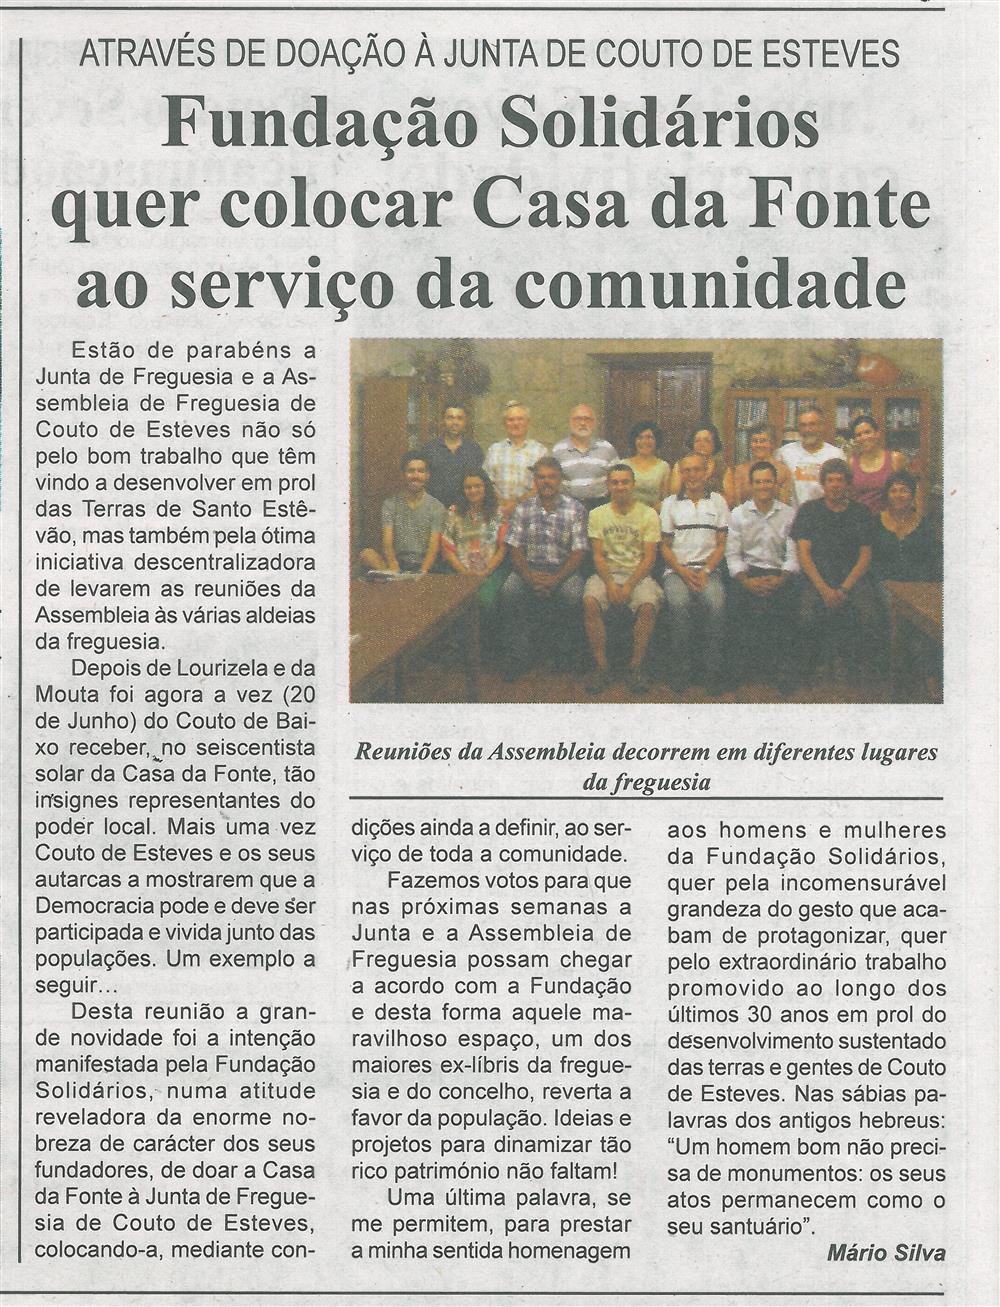 BV-2.ªjul.'15-p.8-Fundação Solidários quer colocar Casa da Fonte ao serviço da comunidade : através da doação à Junta de Couto de Esteves.jpg